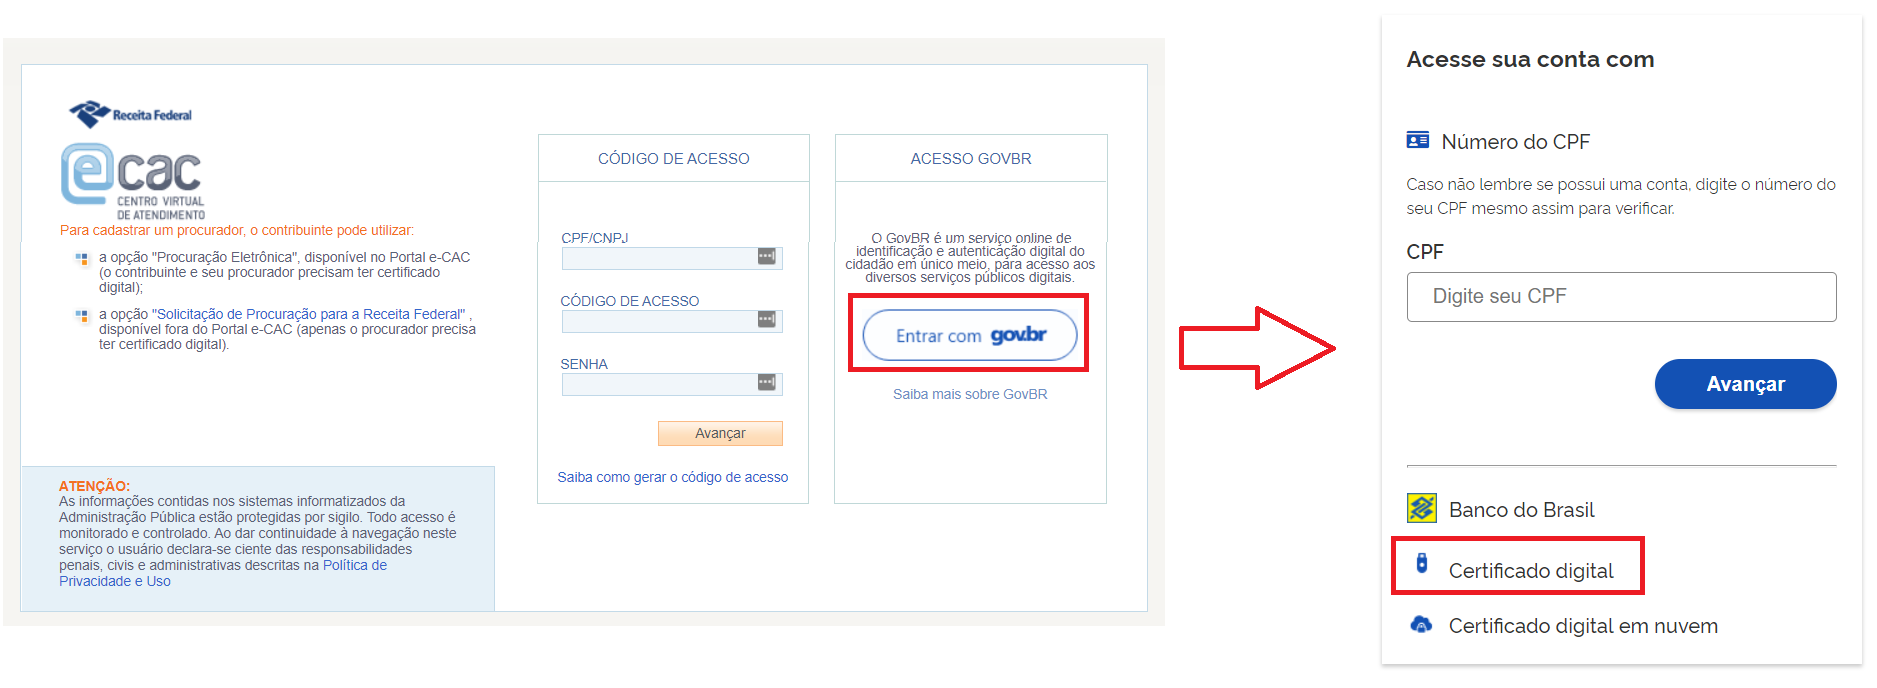 Portal e-CAC com acesso pelo Gov.br